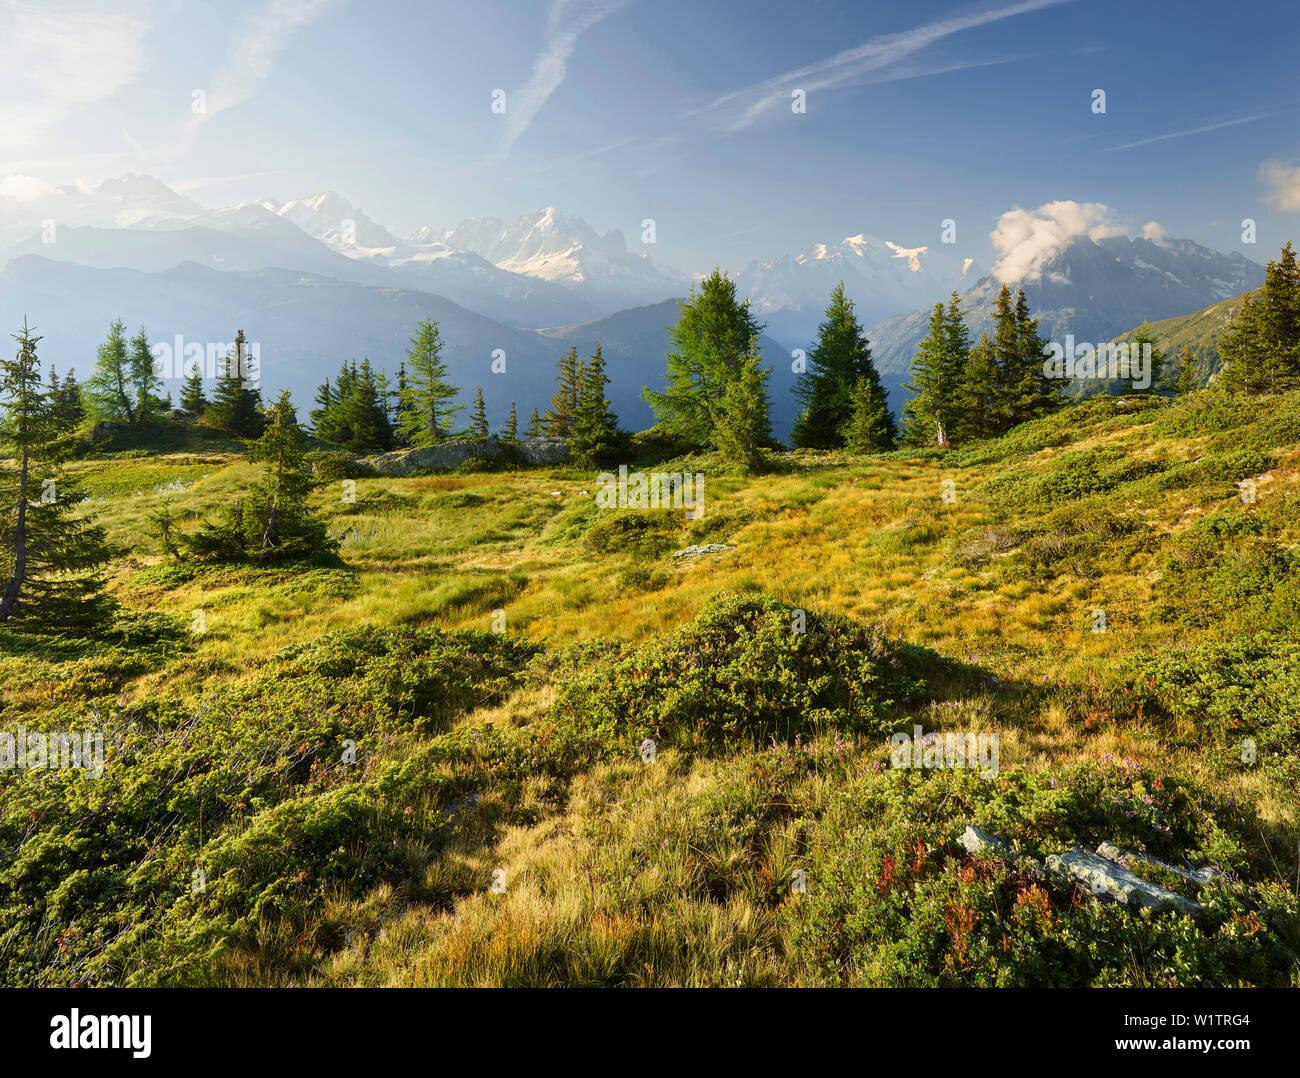 Émosson, Wallis, Schweiz (Vordergrund), Aiguille Verte, Mont Blanc, Haute-Savoie, Frankreich (Hintergrund) - Stock Image